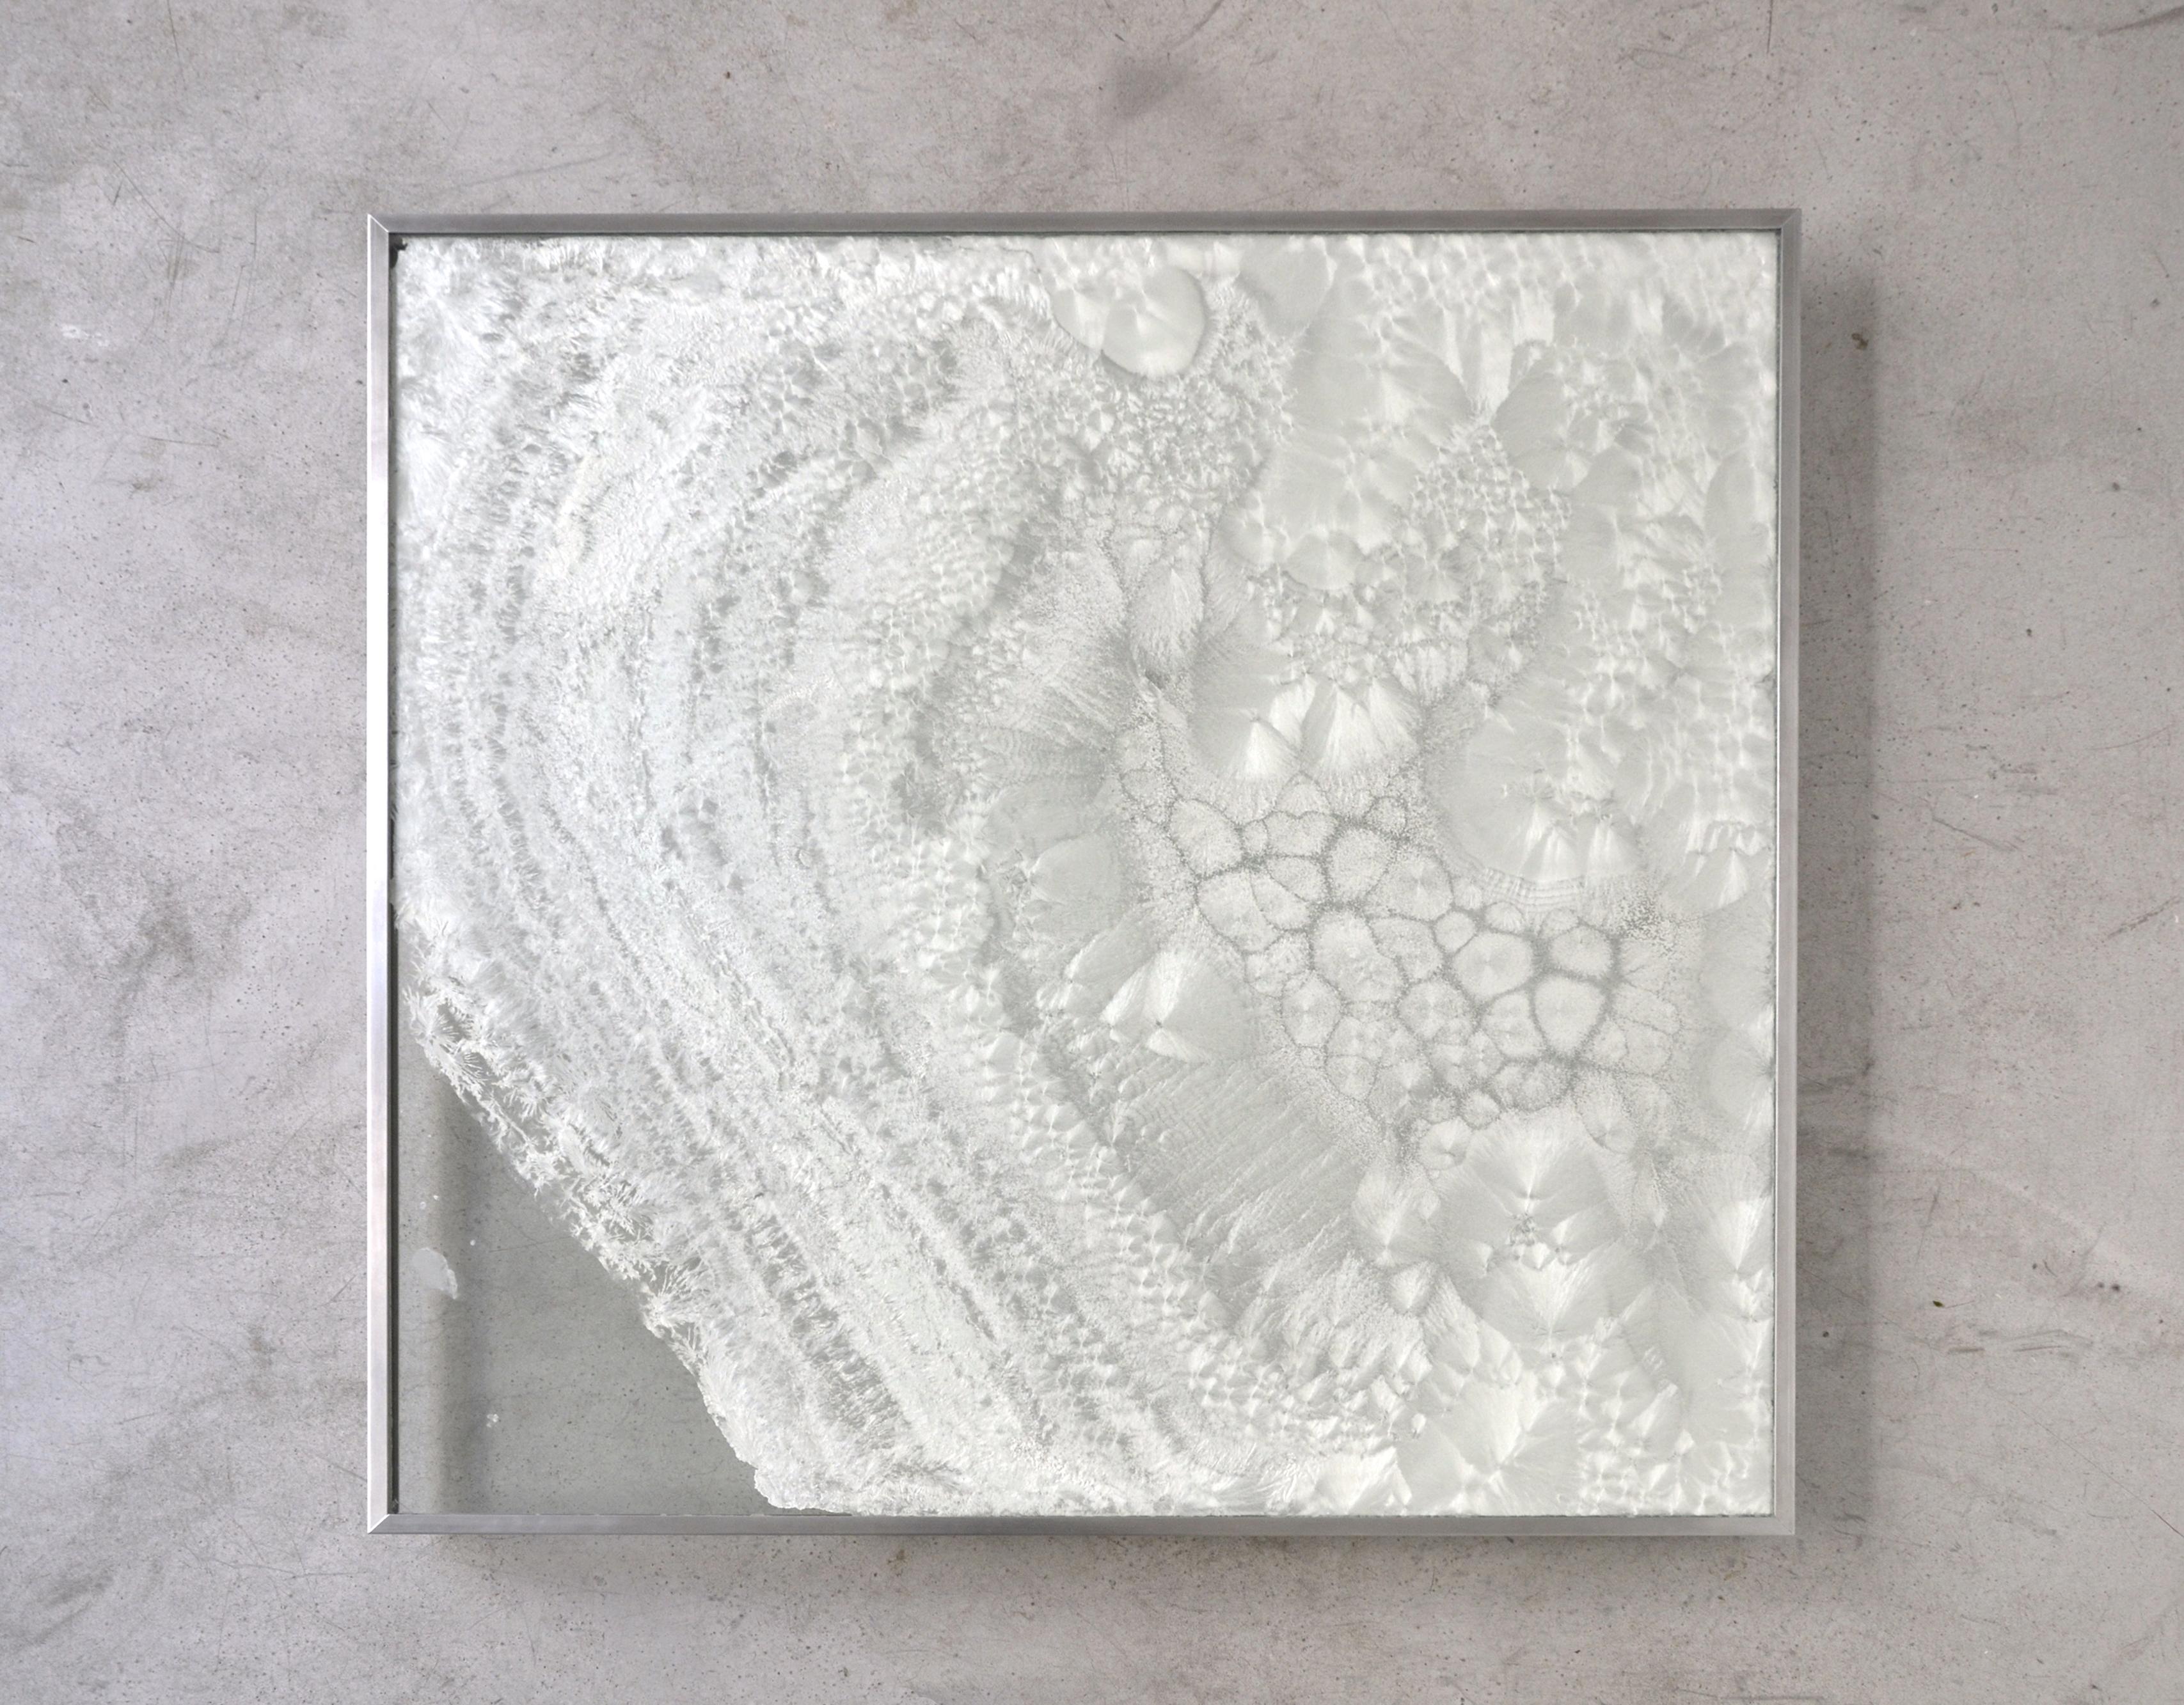 12-lea-barbazanges-sol-cristallise-inconnaissance